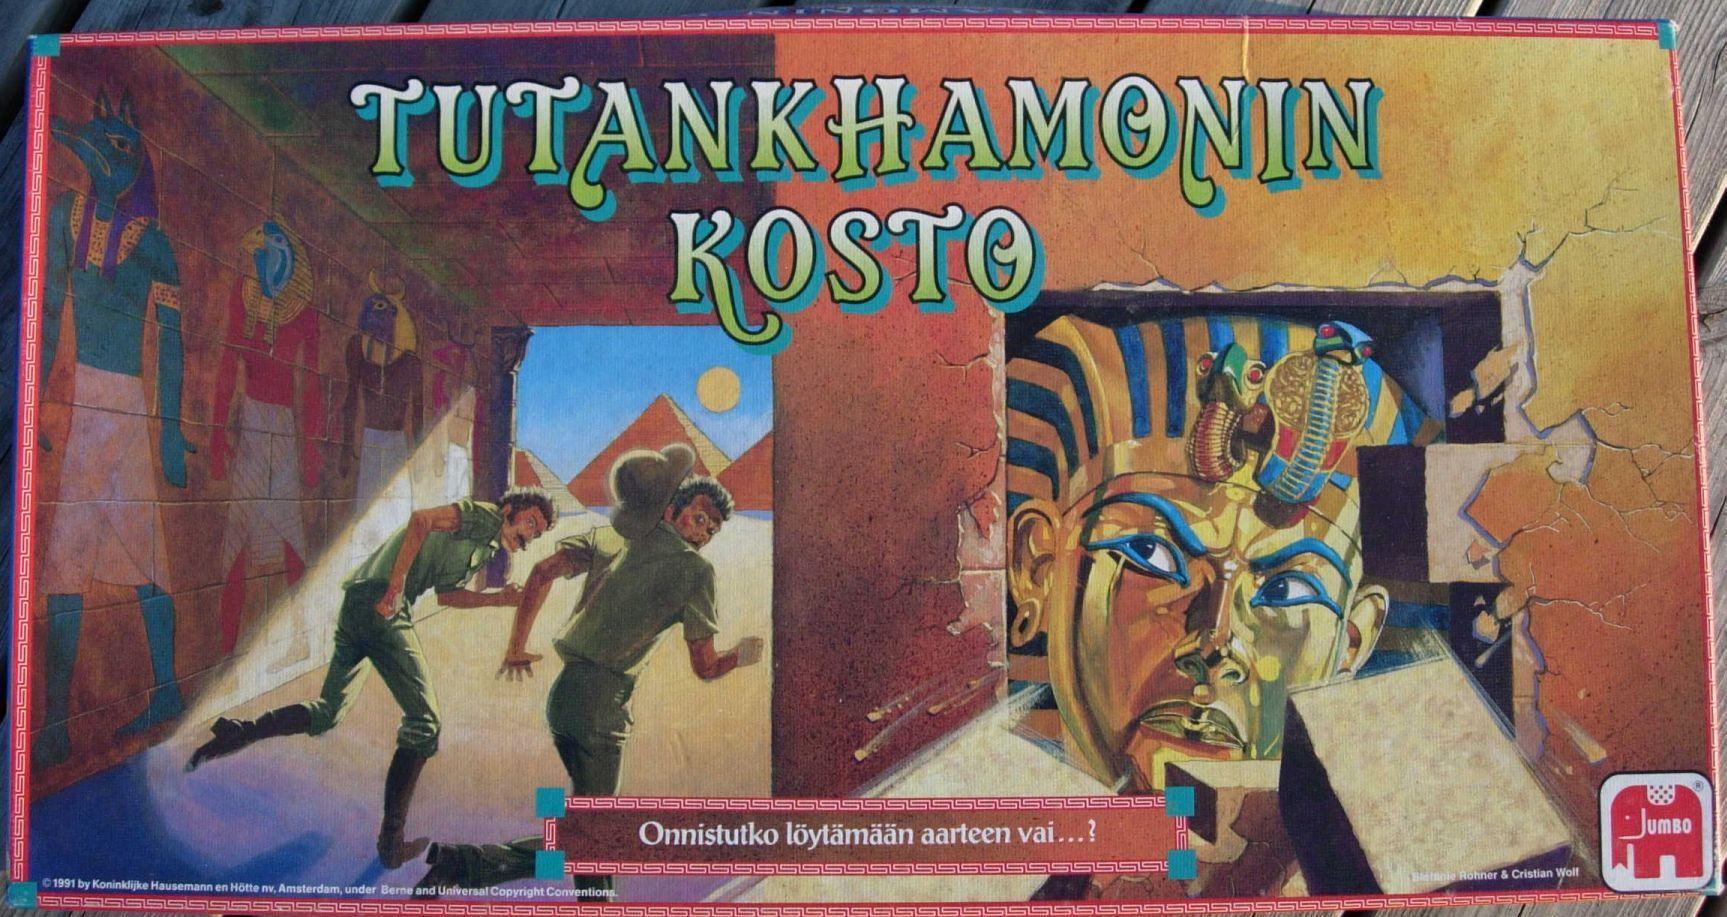 Tutankhamen's Revenge